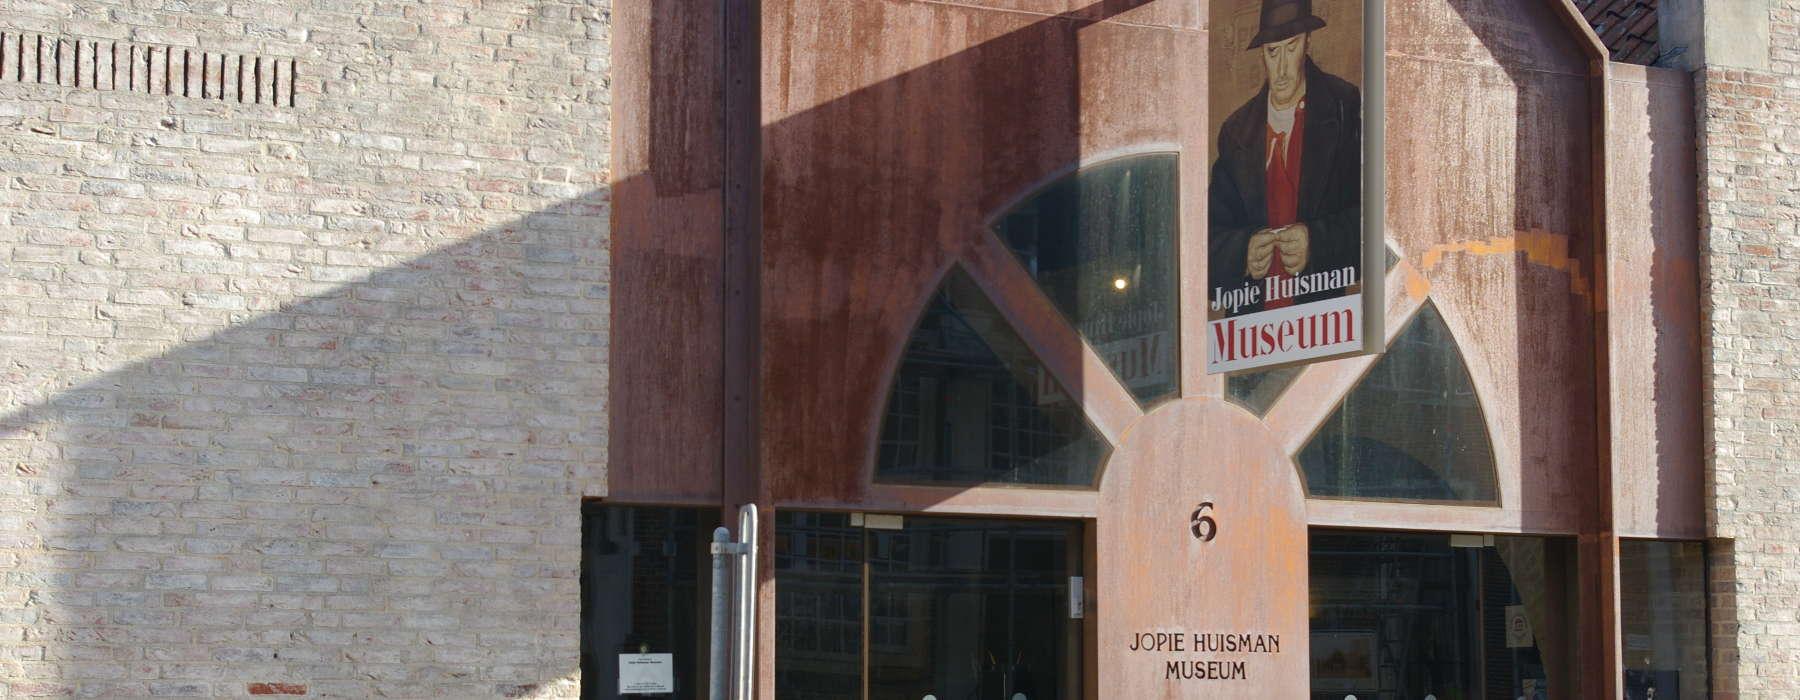 Nijs FNP - Kultuer - Museum Jopie Huisman